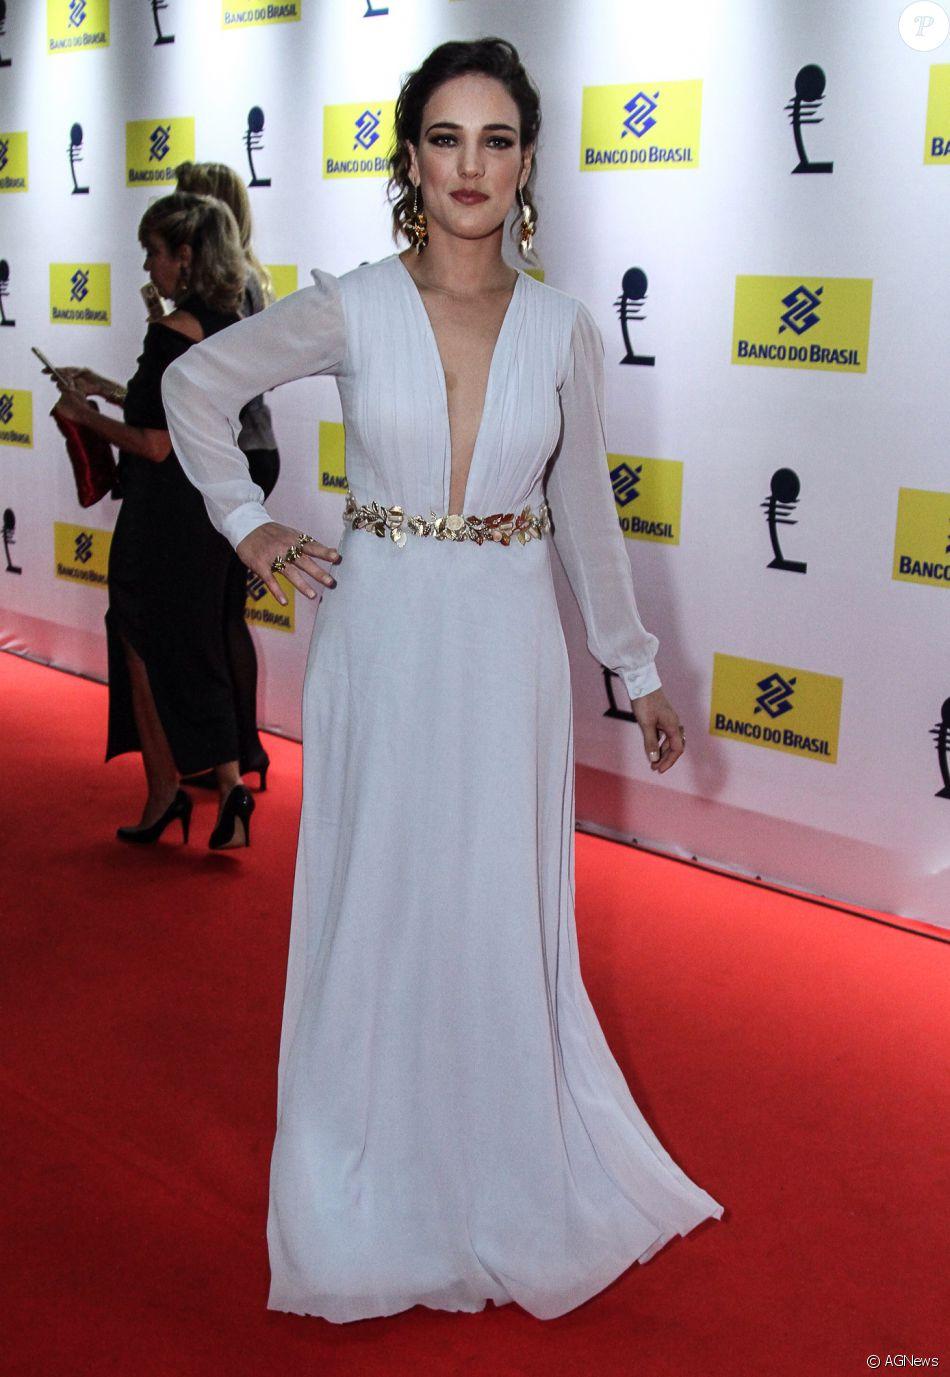 5e12a15e8 Adriana Birolli investiu em um vestido branco feito por Patrícia Bonaldi. O  longo exibe um decote profundo na parte frontal do look